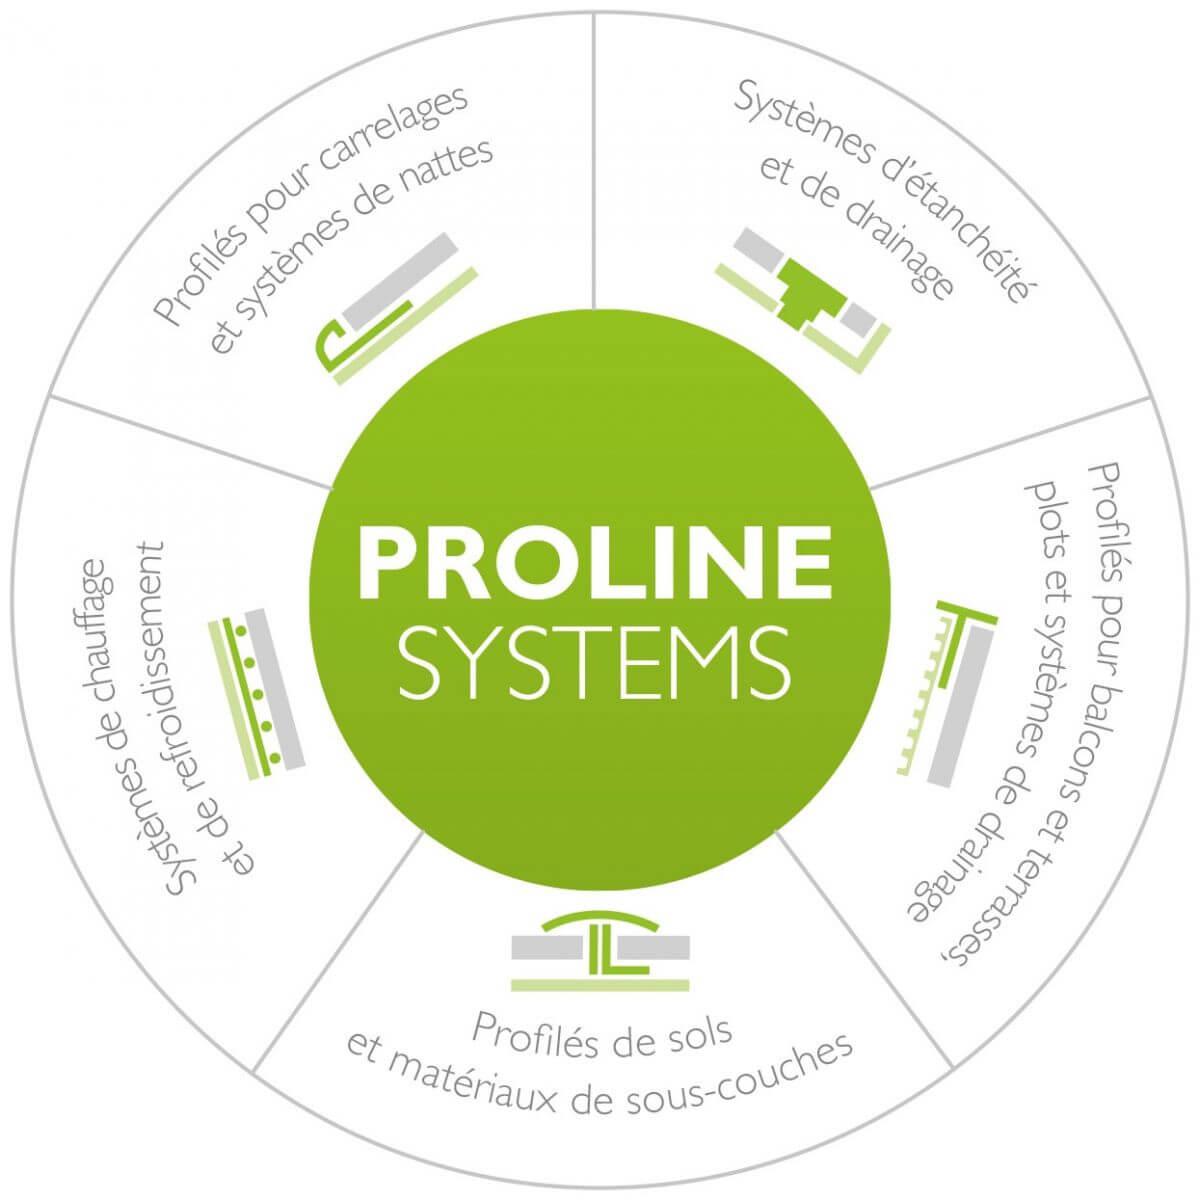 Natte Drainante Sous Carrelage Extérieur shop - proline systems gmbh